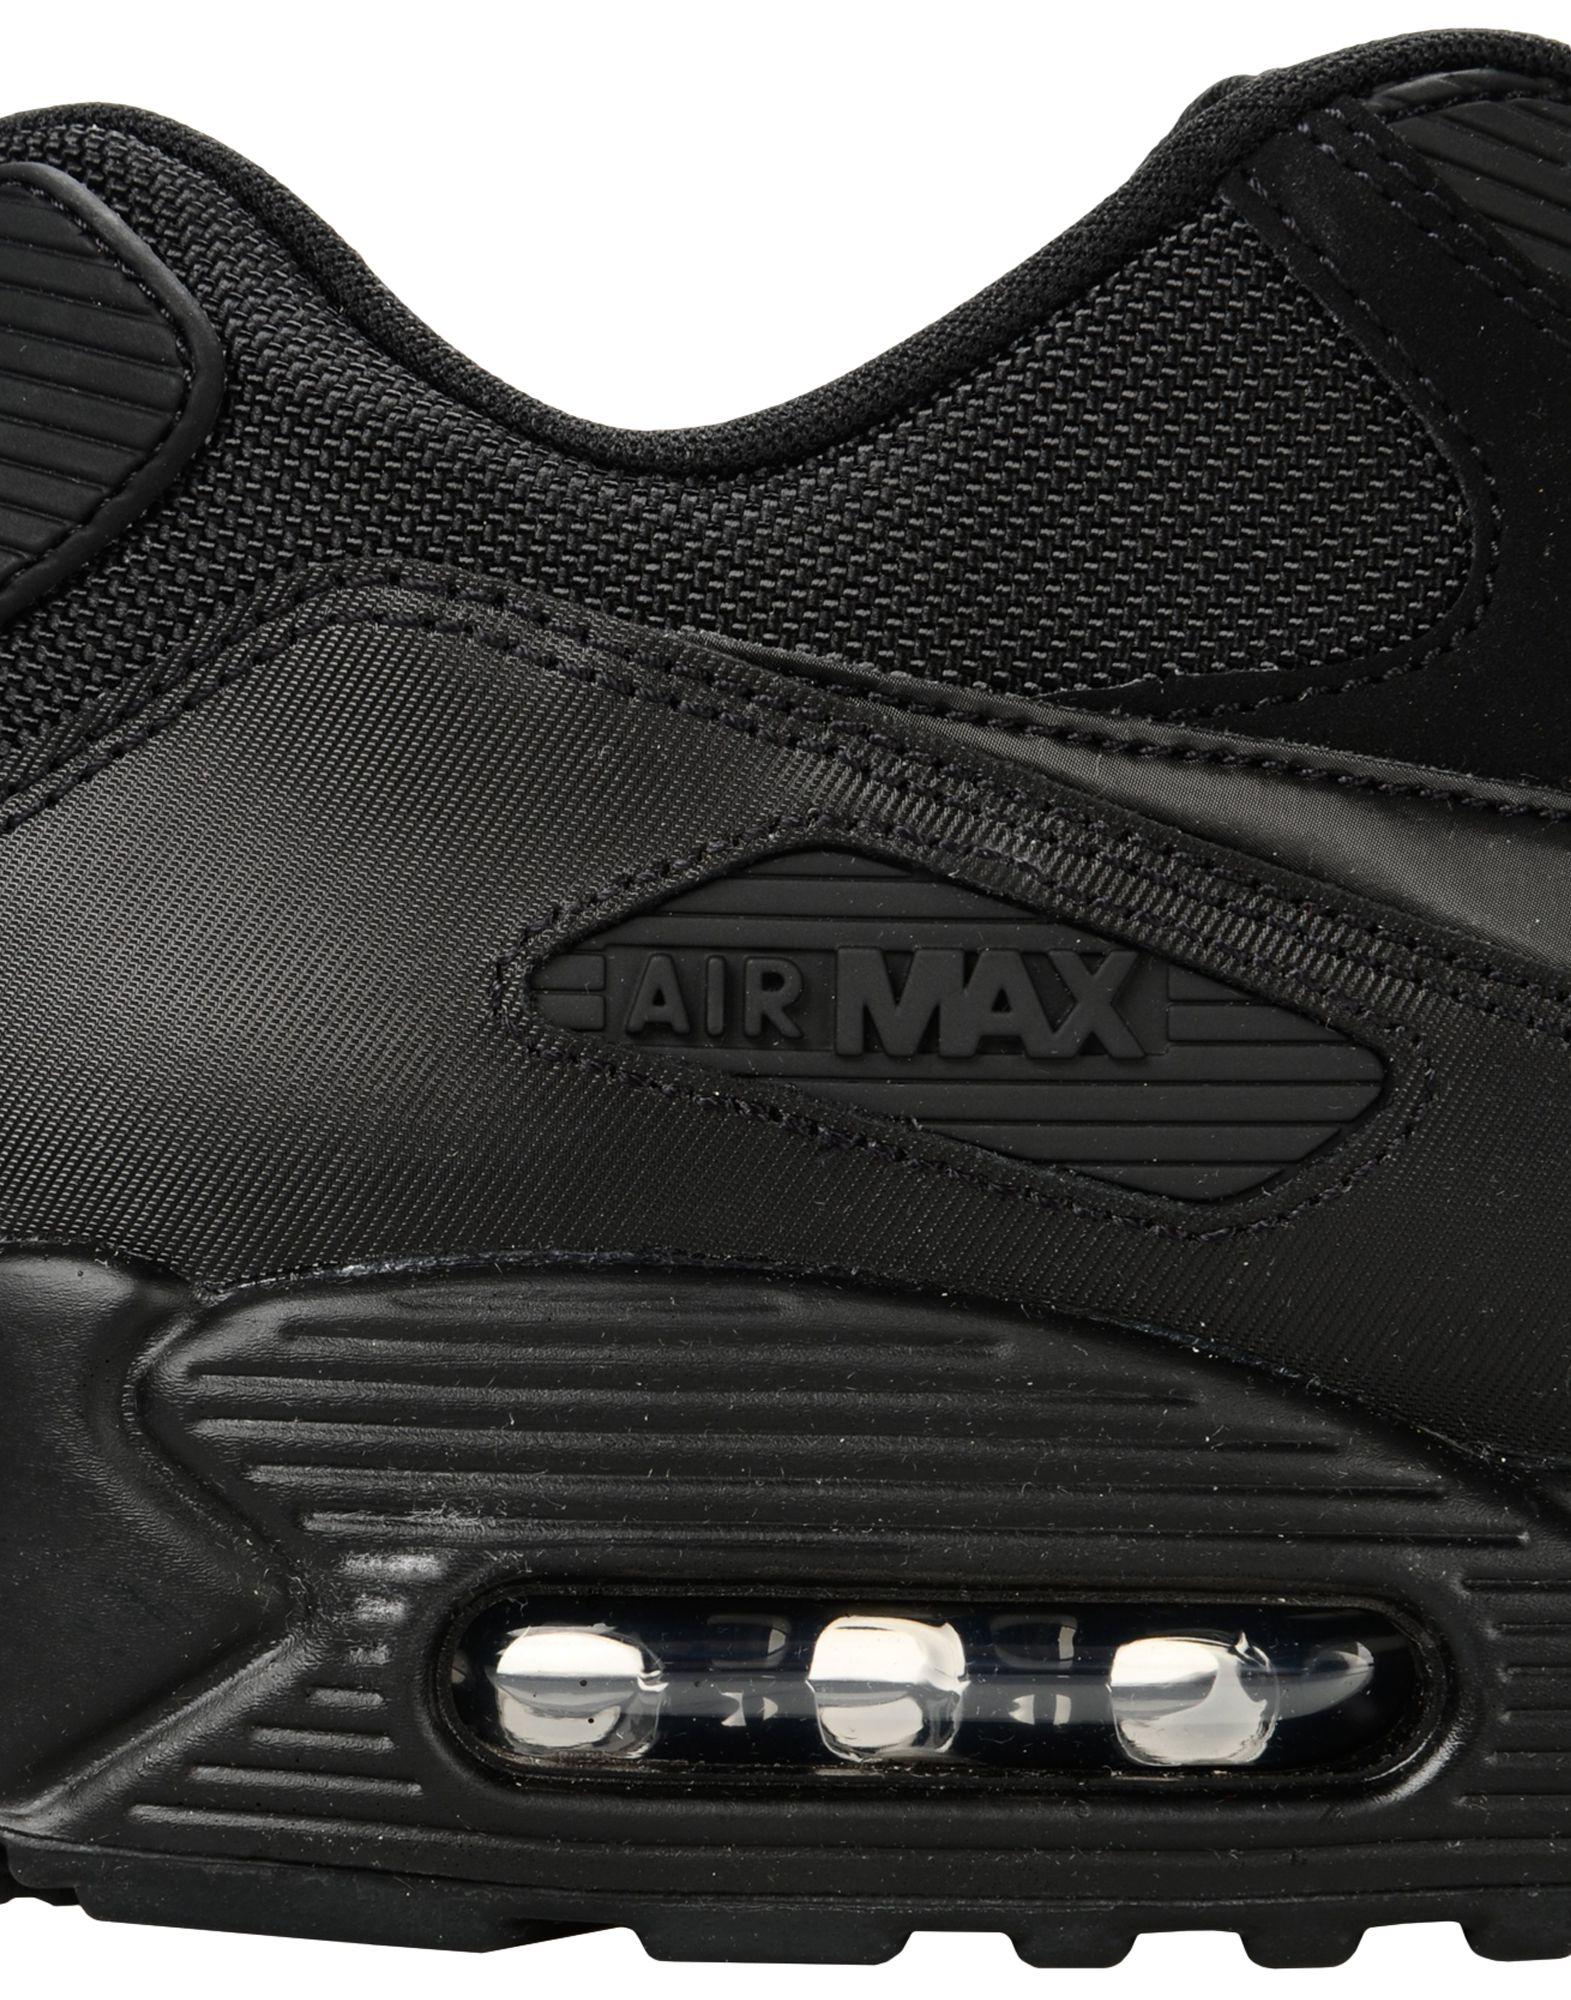 Sneakers Nike Air Max 90 Essential - Homme - Sneakers Nike sur